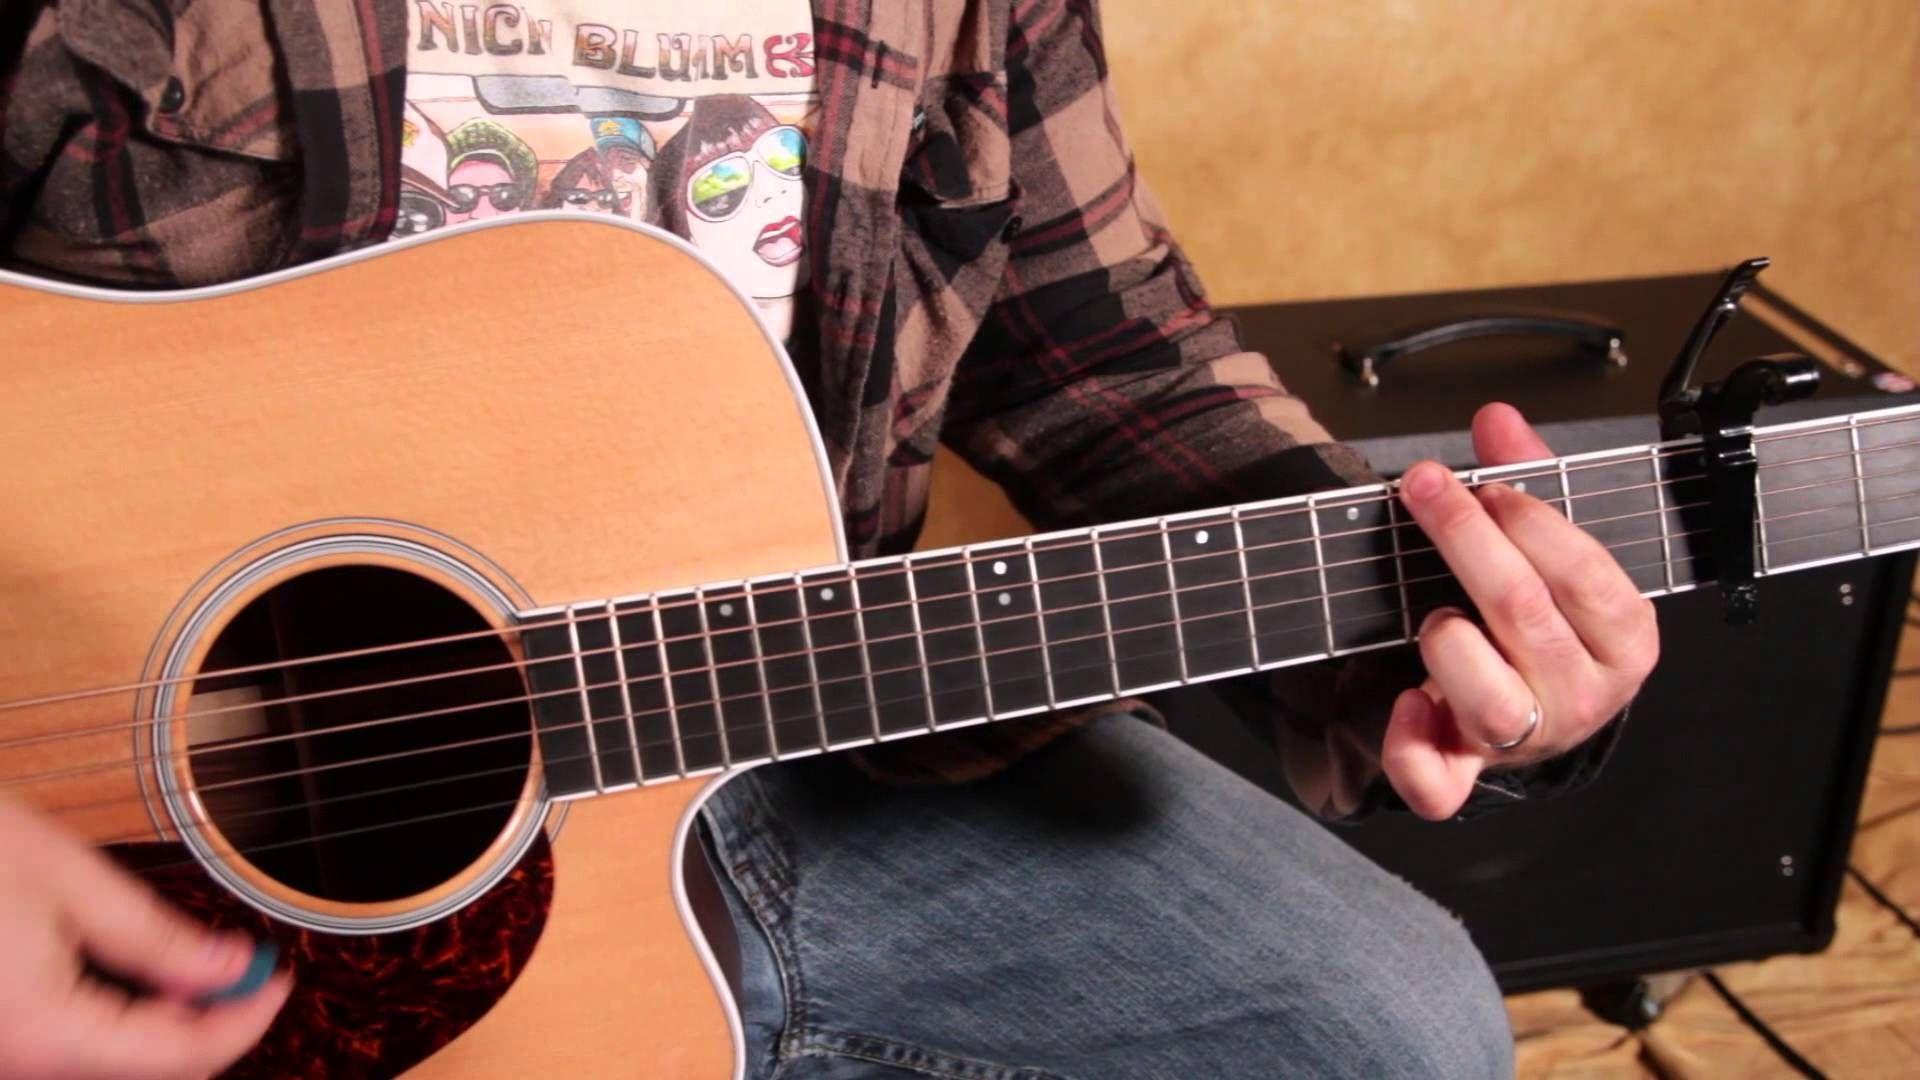 Easy Beginner Acoustic Songs On Guitar Imagine Dragons Demons